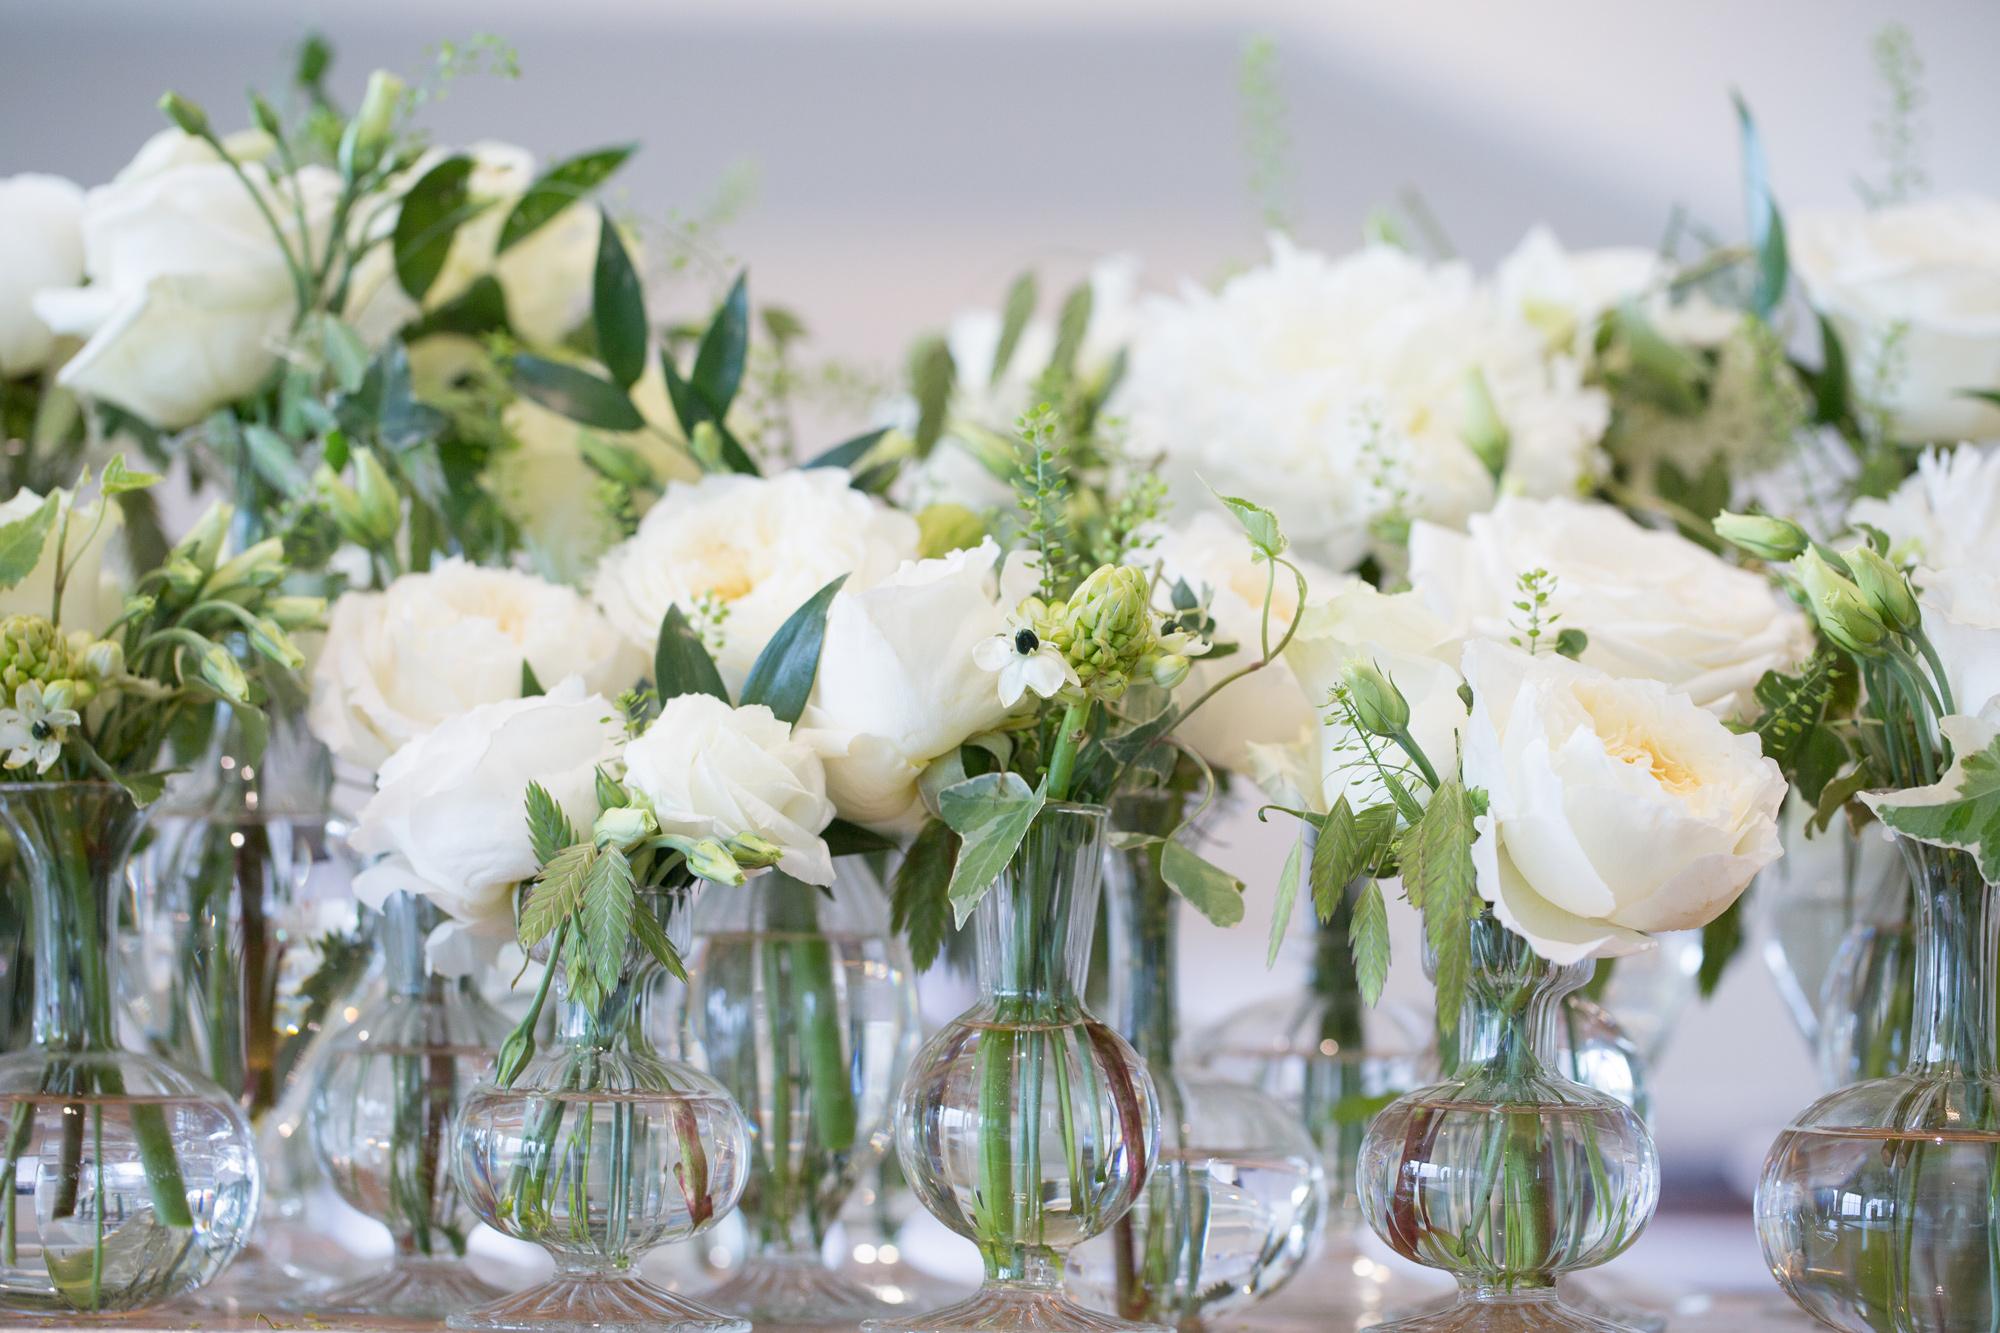 406-chelsea-lee-flowers--.jpg